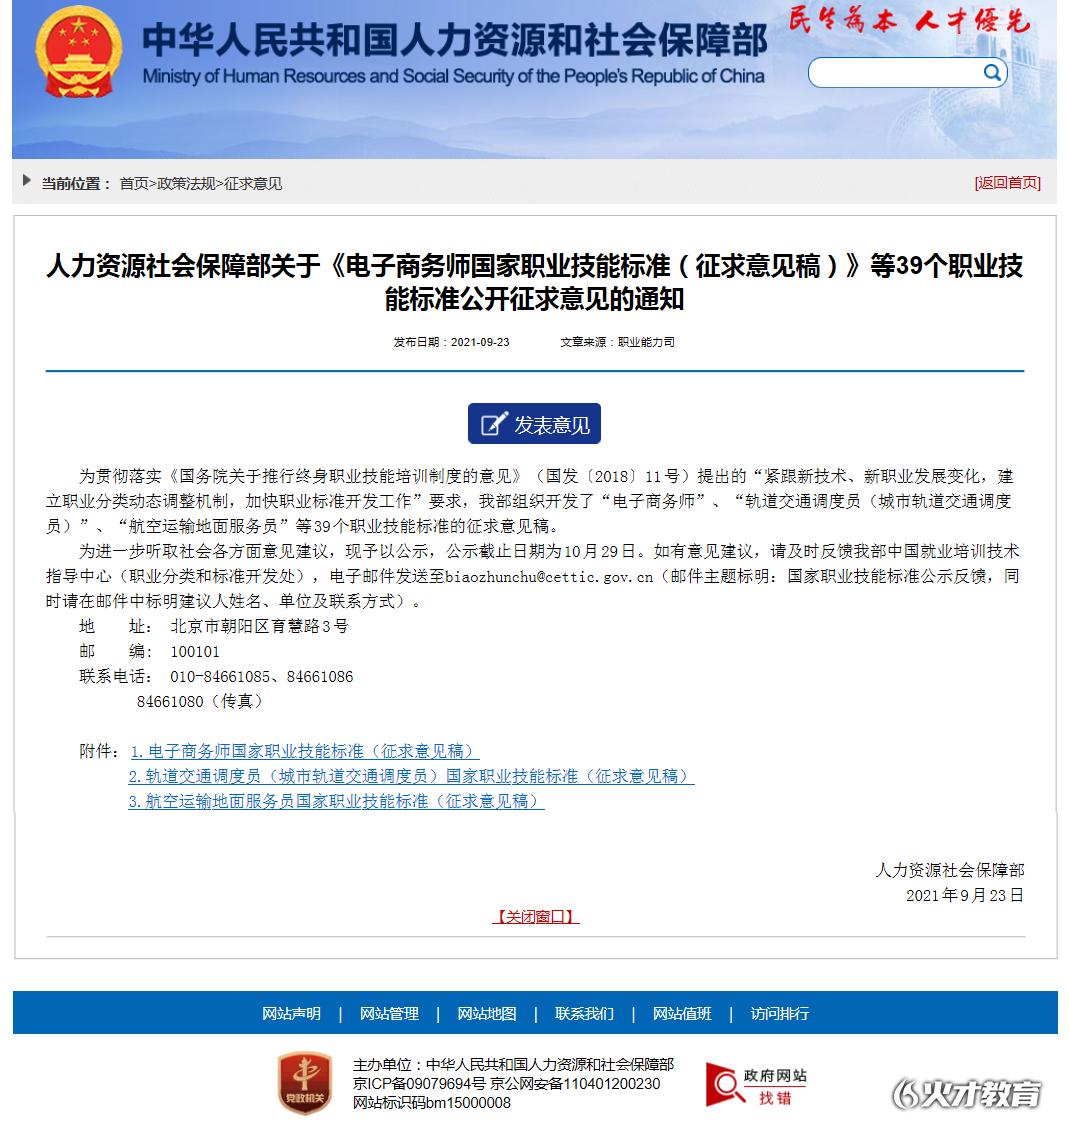 人力资源社会保障部关于《电子商务师国家职业技能标准(征求意见稿)》等39个职业技能标准公开征求意见的.png